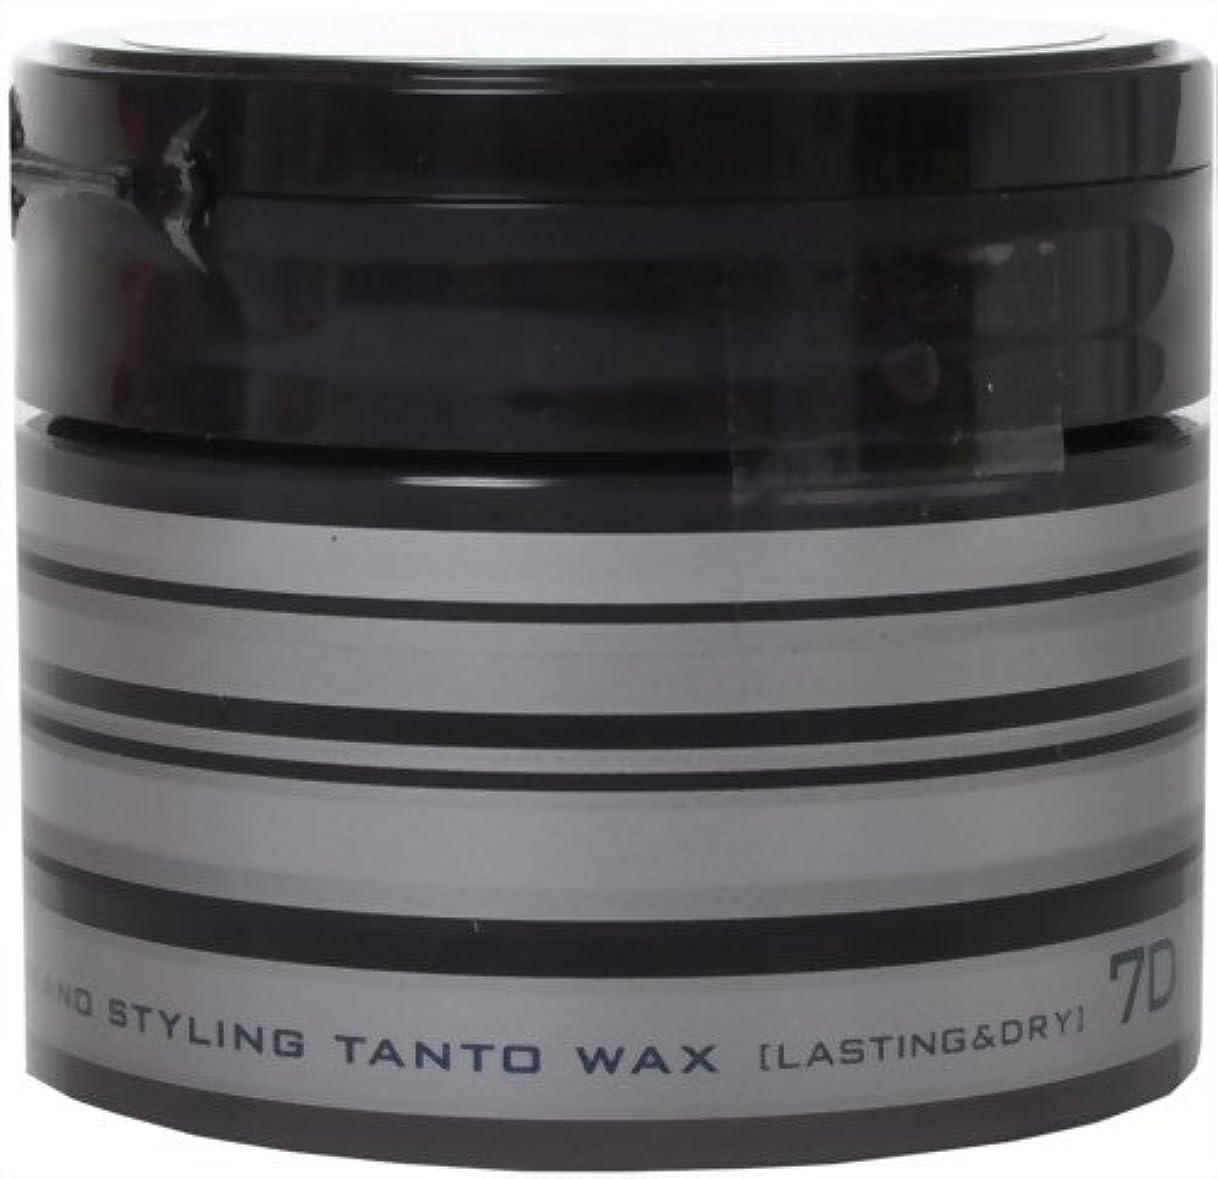 いらいらさせる批判する物理的にナカノ タントワックス7D ラスティング&ドライ